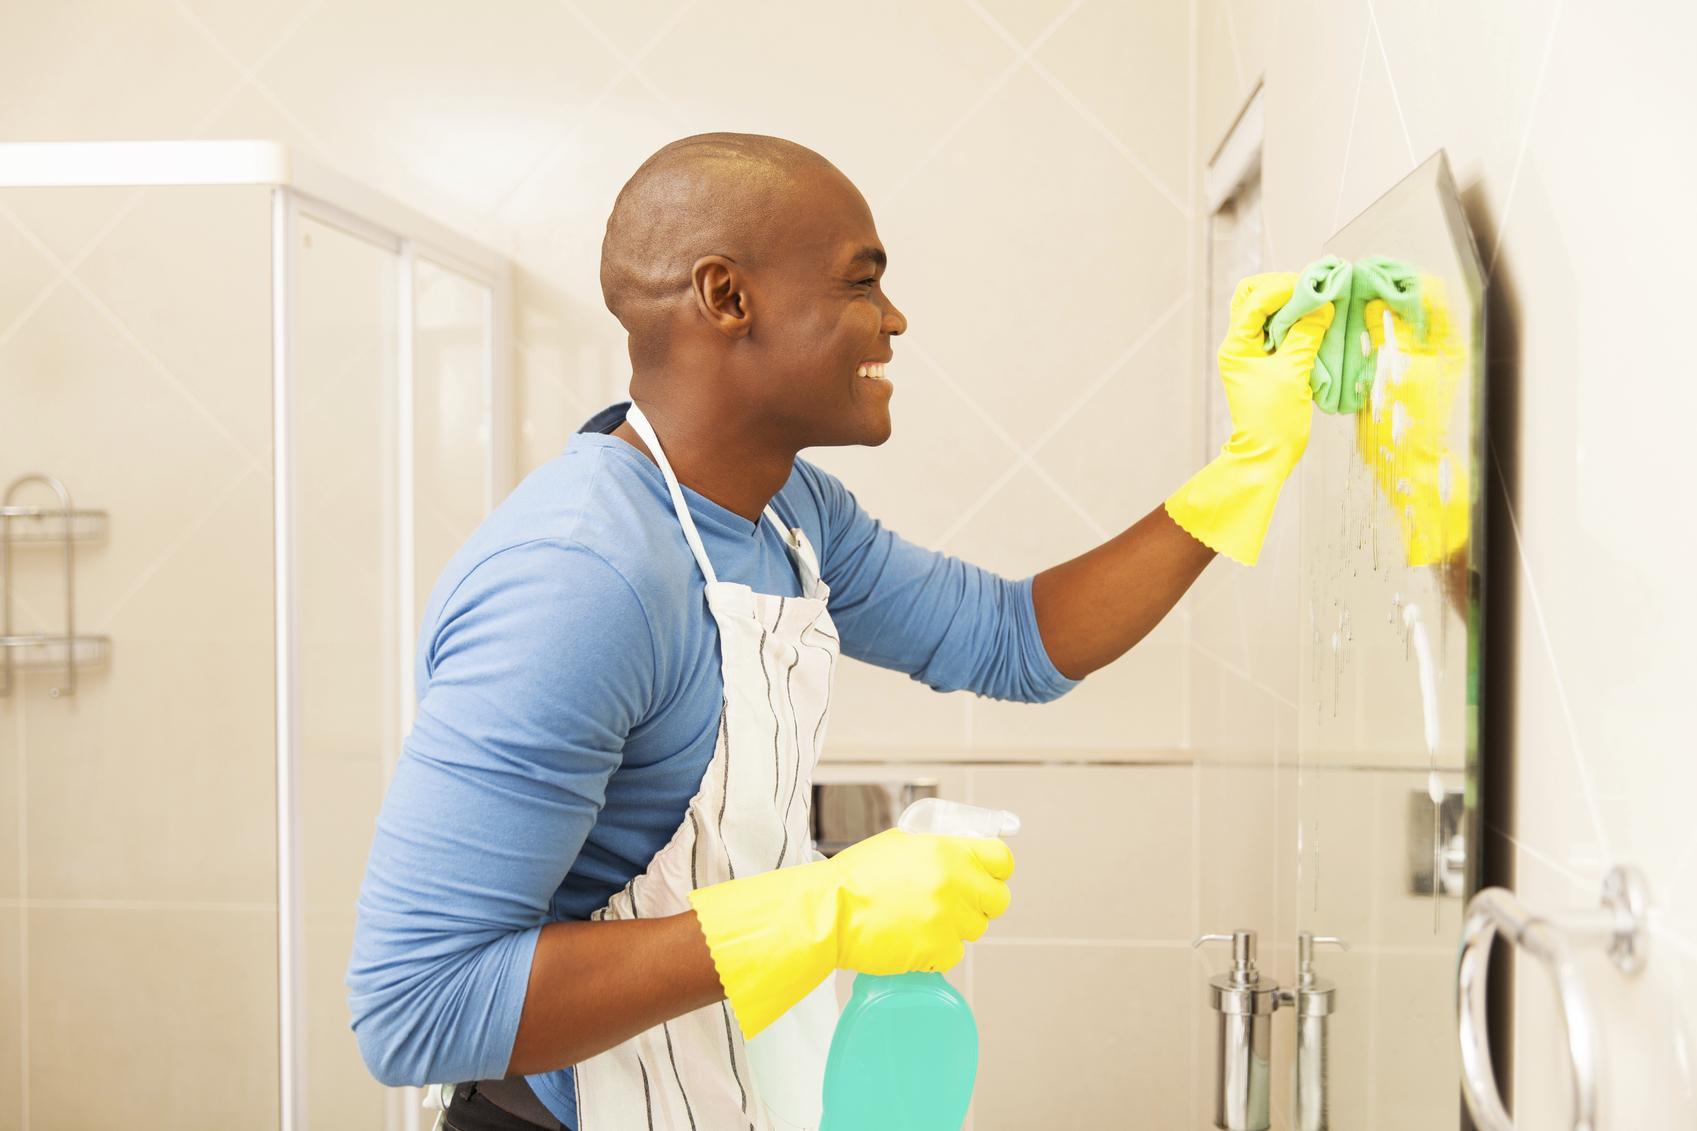 C mo limpiar el ba o de forma ecol gica los mejores trucos for Como limpiar bien el bano